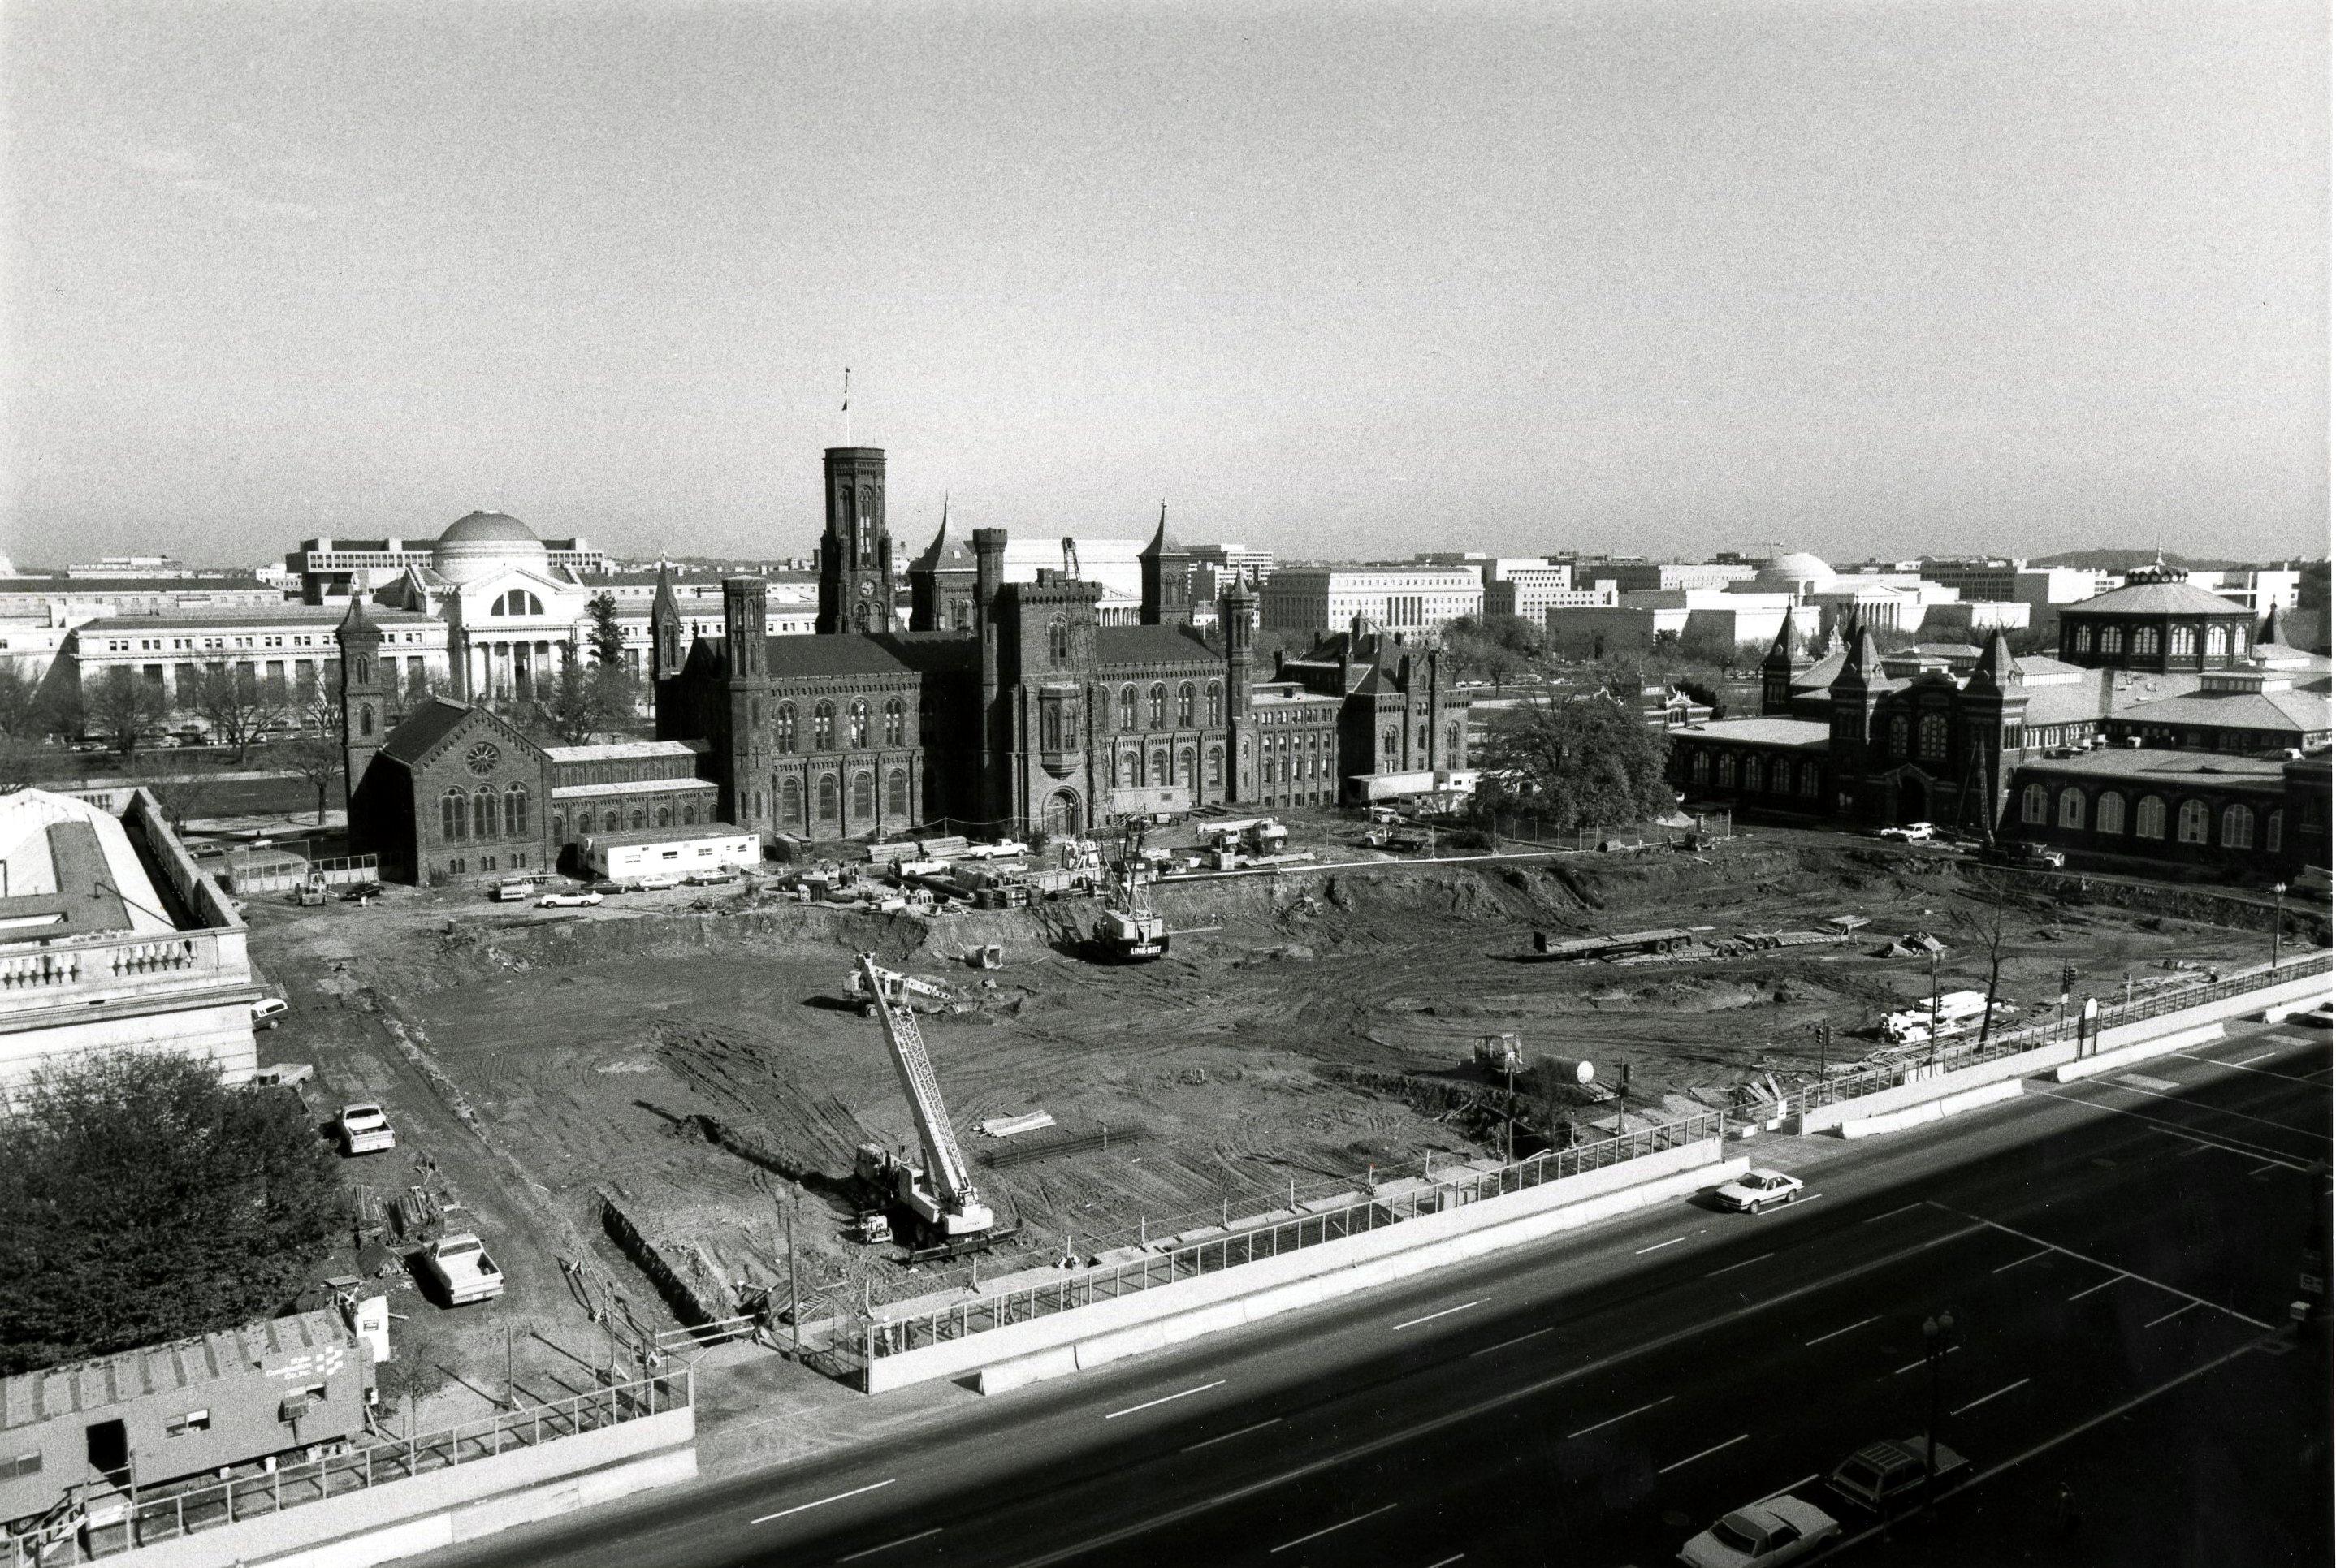 Quadrangle excavation, 1983, by Jeffrey Ploskonka.